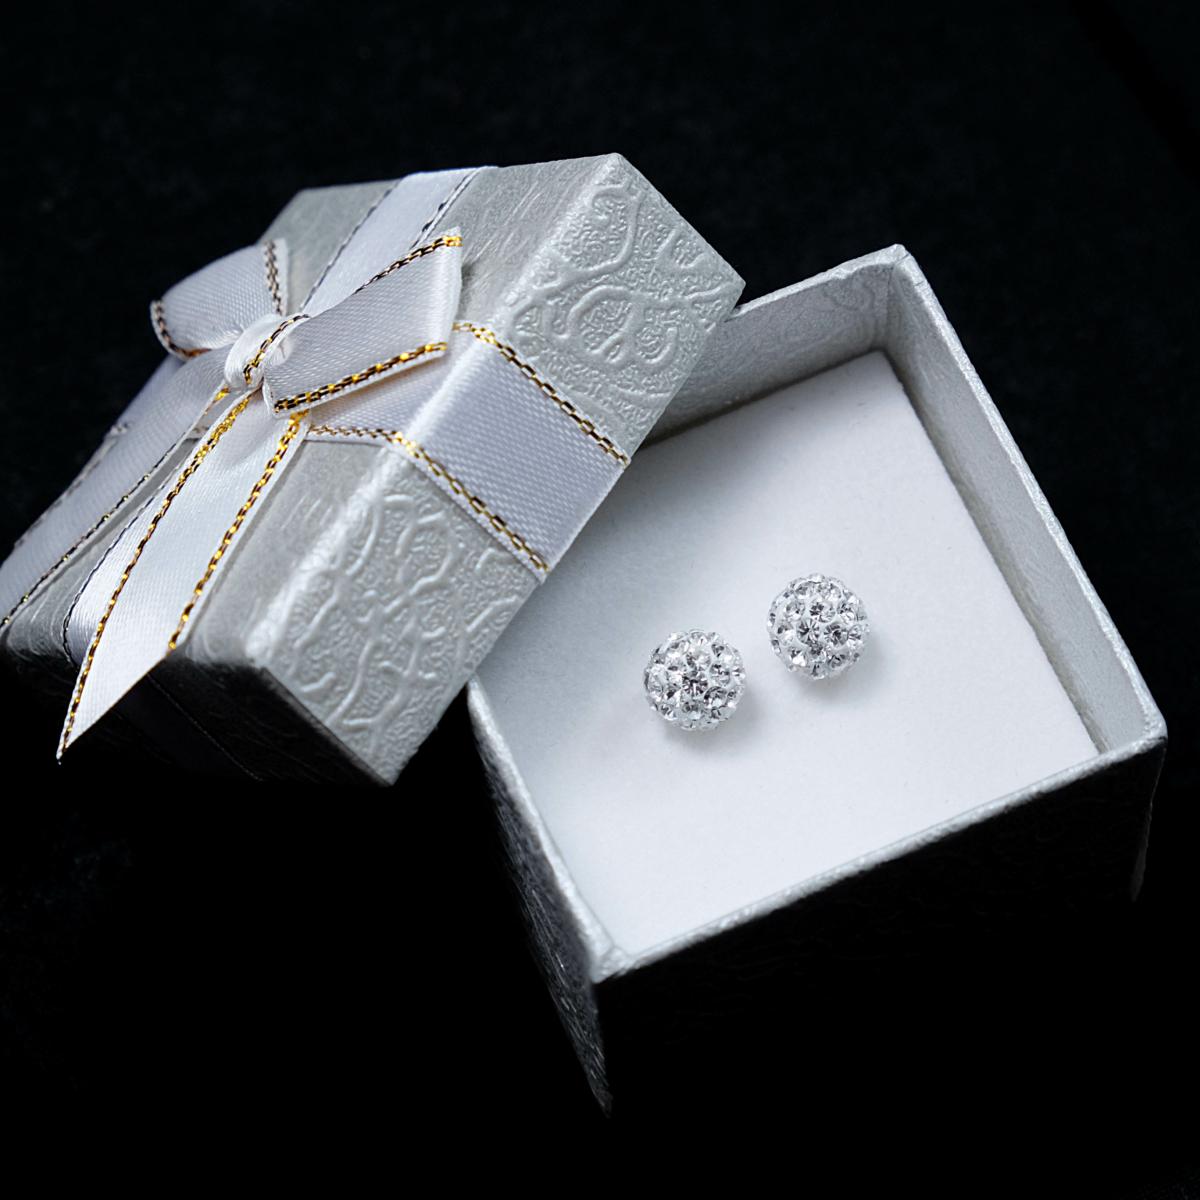 A & ONE Fehér gömb fülbevaló,üvegkristály kövekkel díszítve (8mm)